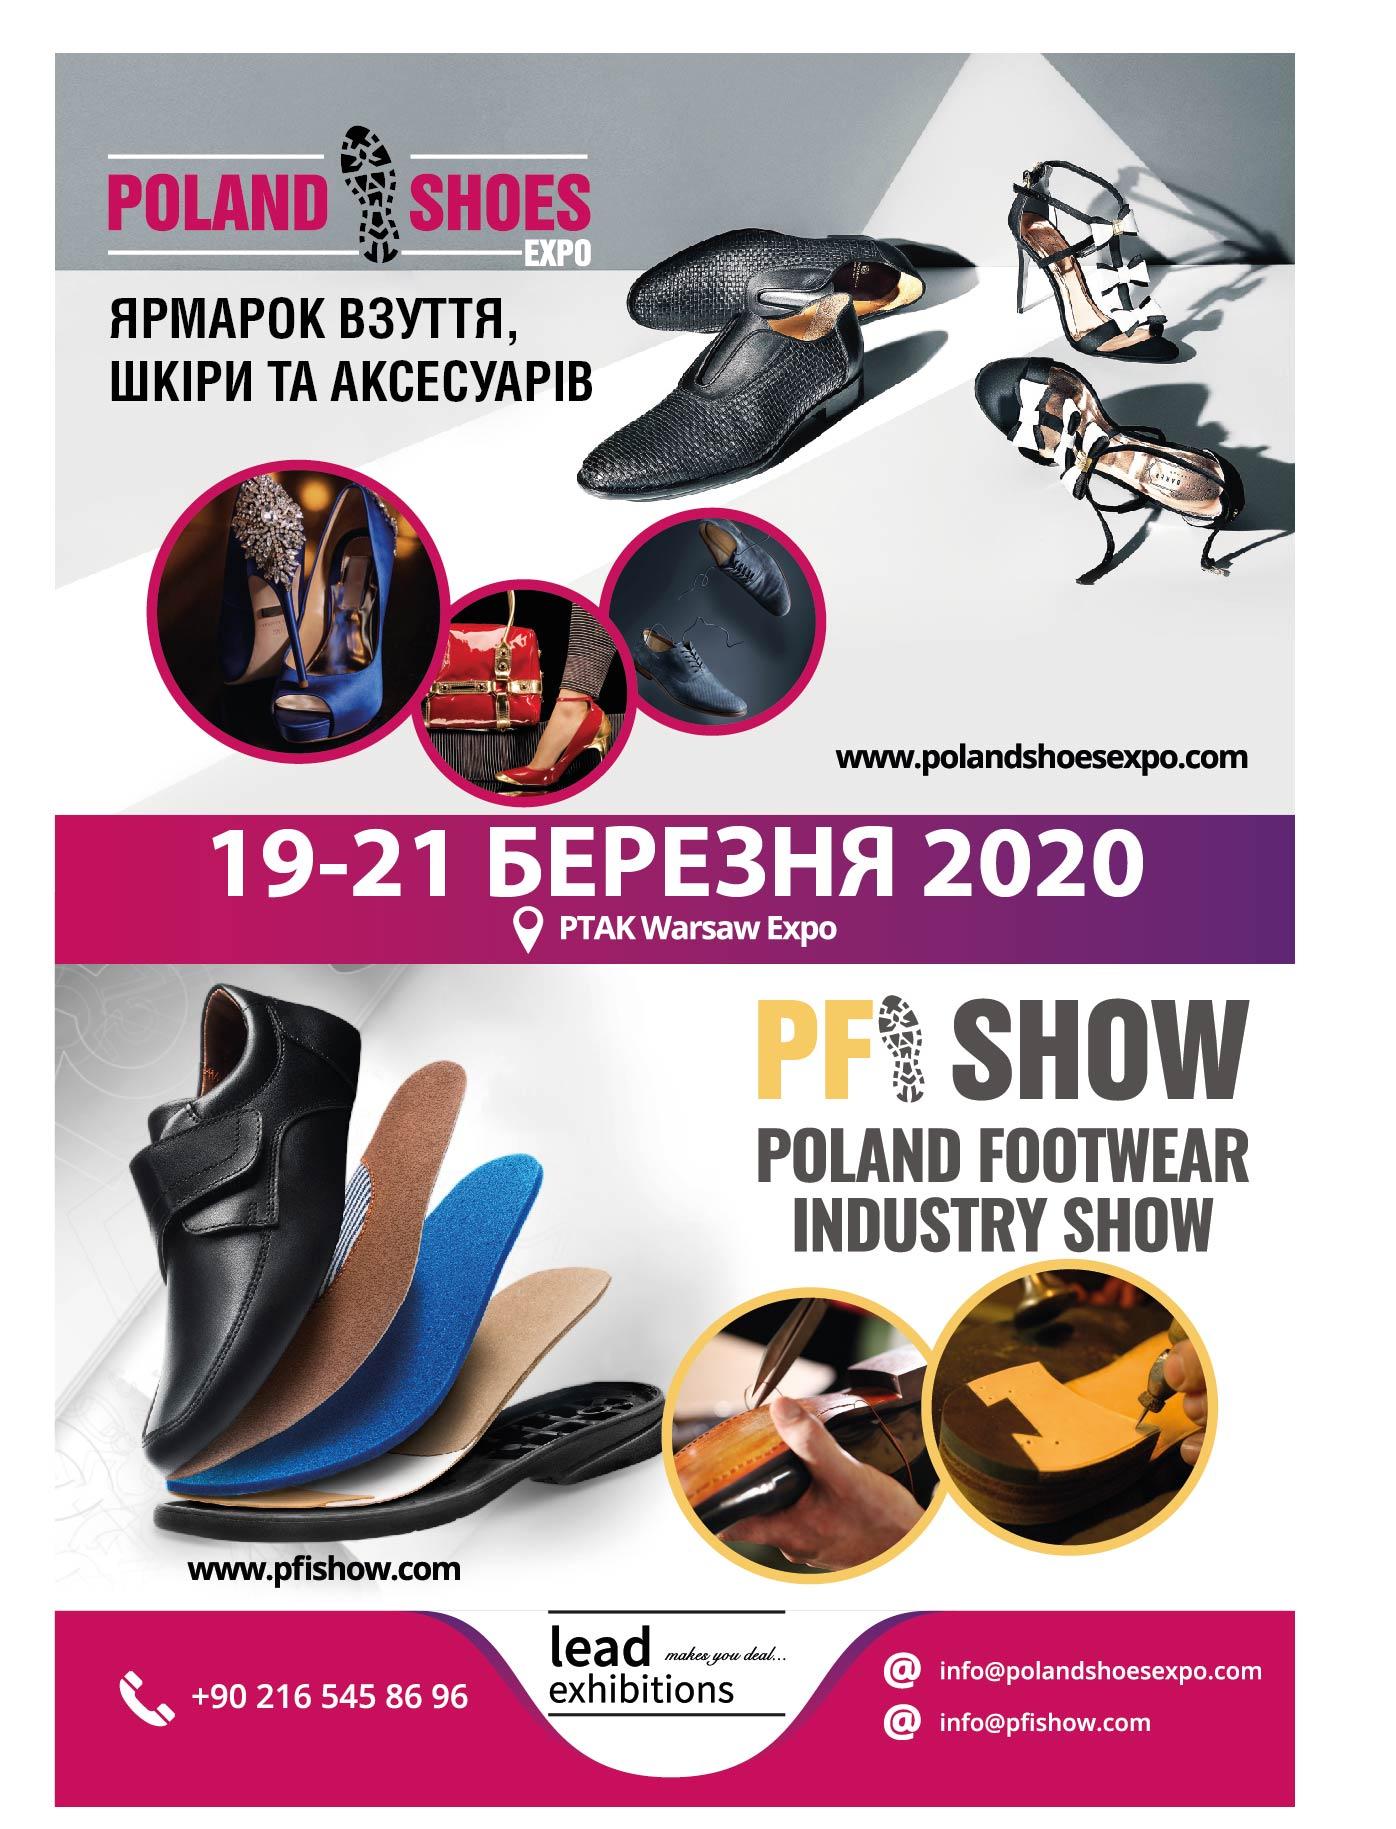 Poland Shoes Expo